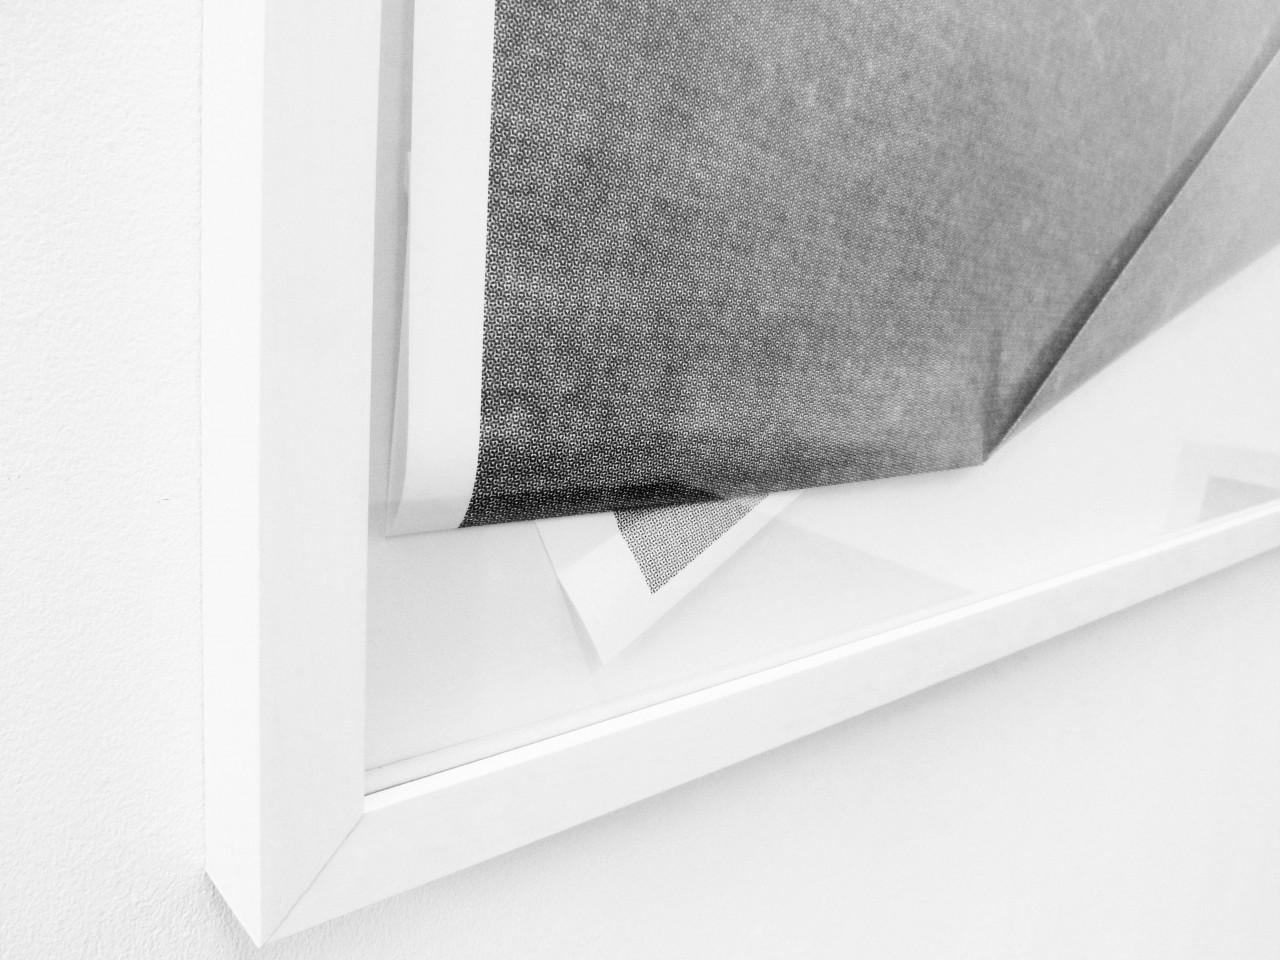 Detail: Untitled (Surfer I), 2013, Inkjet Print (gefaltet), 100 x 100 cm